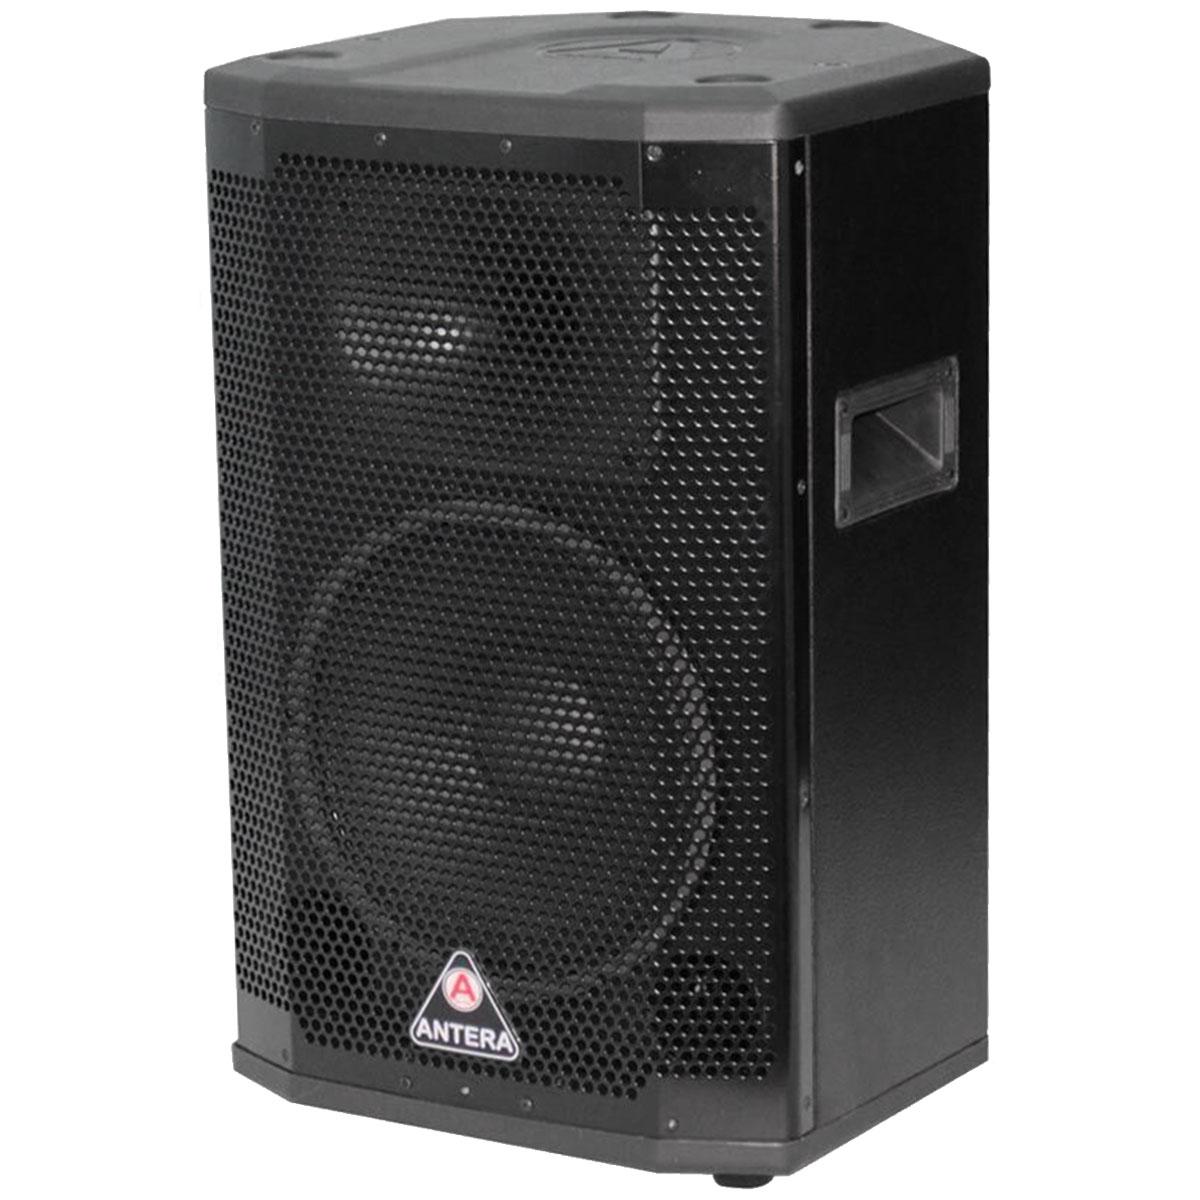 Caixa Ativa Fal 10 Pol 150W c/ USB / Bluetooth - SC 10 A Antera